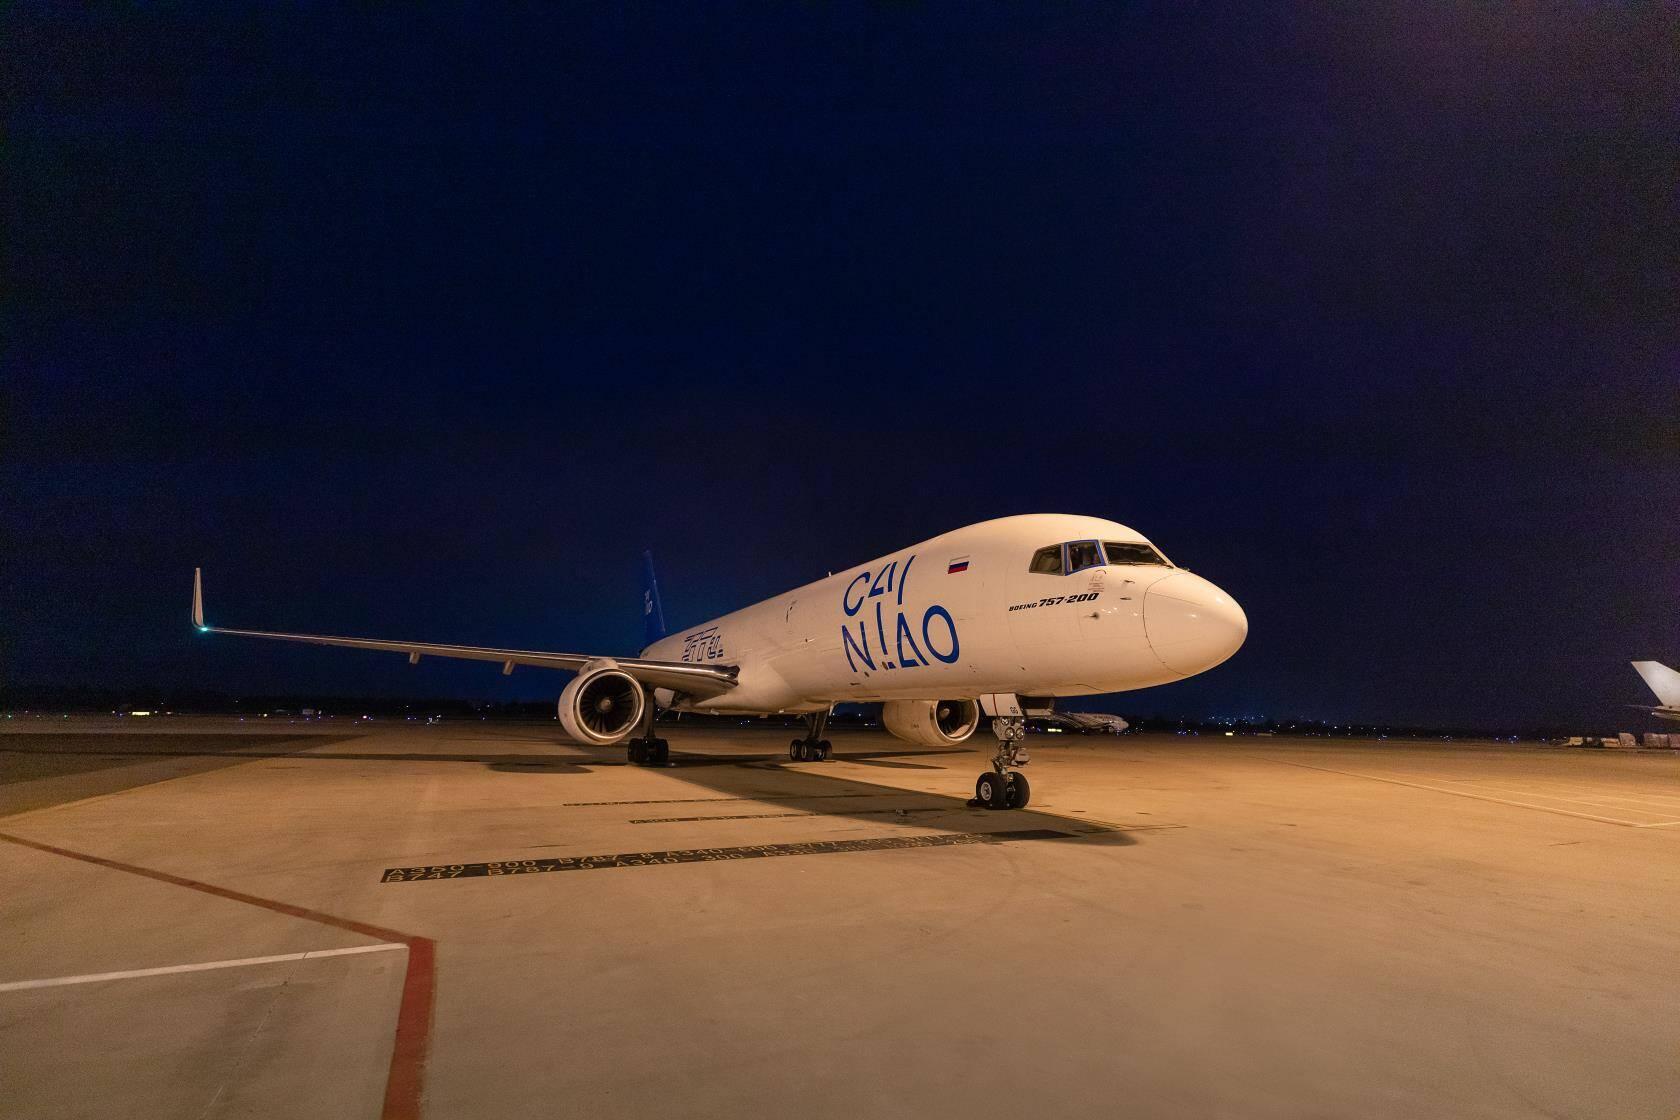 青岛机场开通阿拉木图货运航线,每周运营2-3班